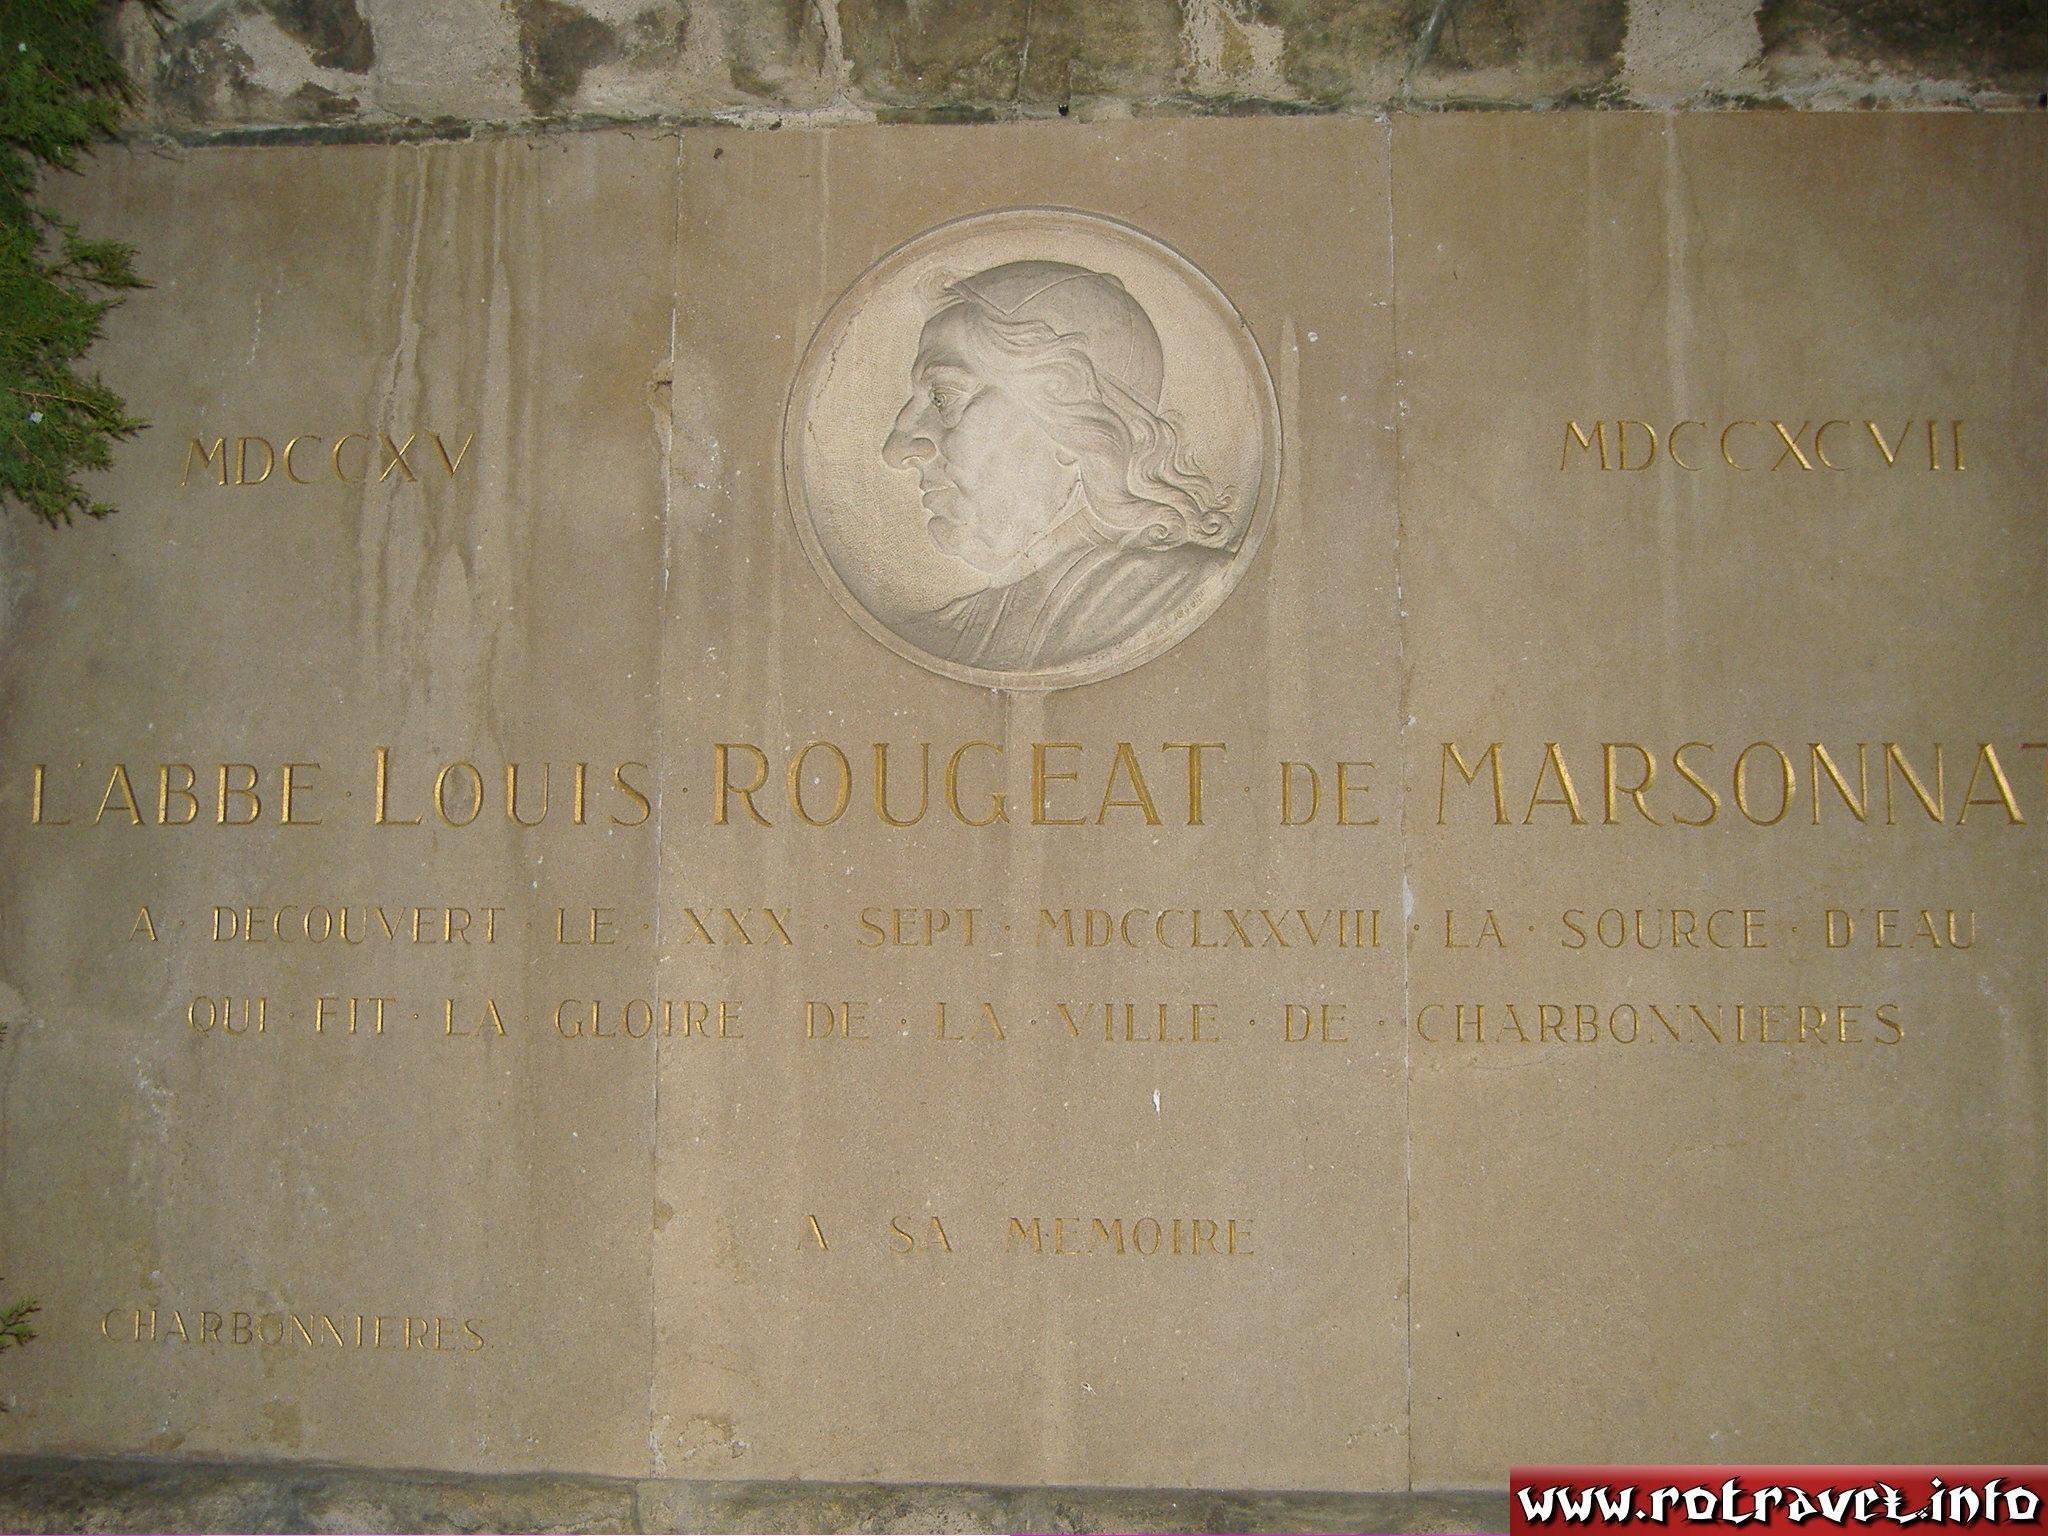 Louis ROUGEAT De MARSONNAT (the greatest man from Charbonnières-les-Bains)